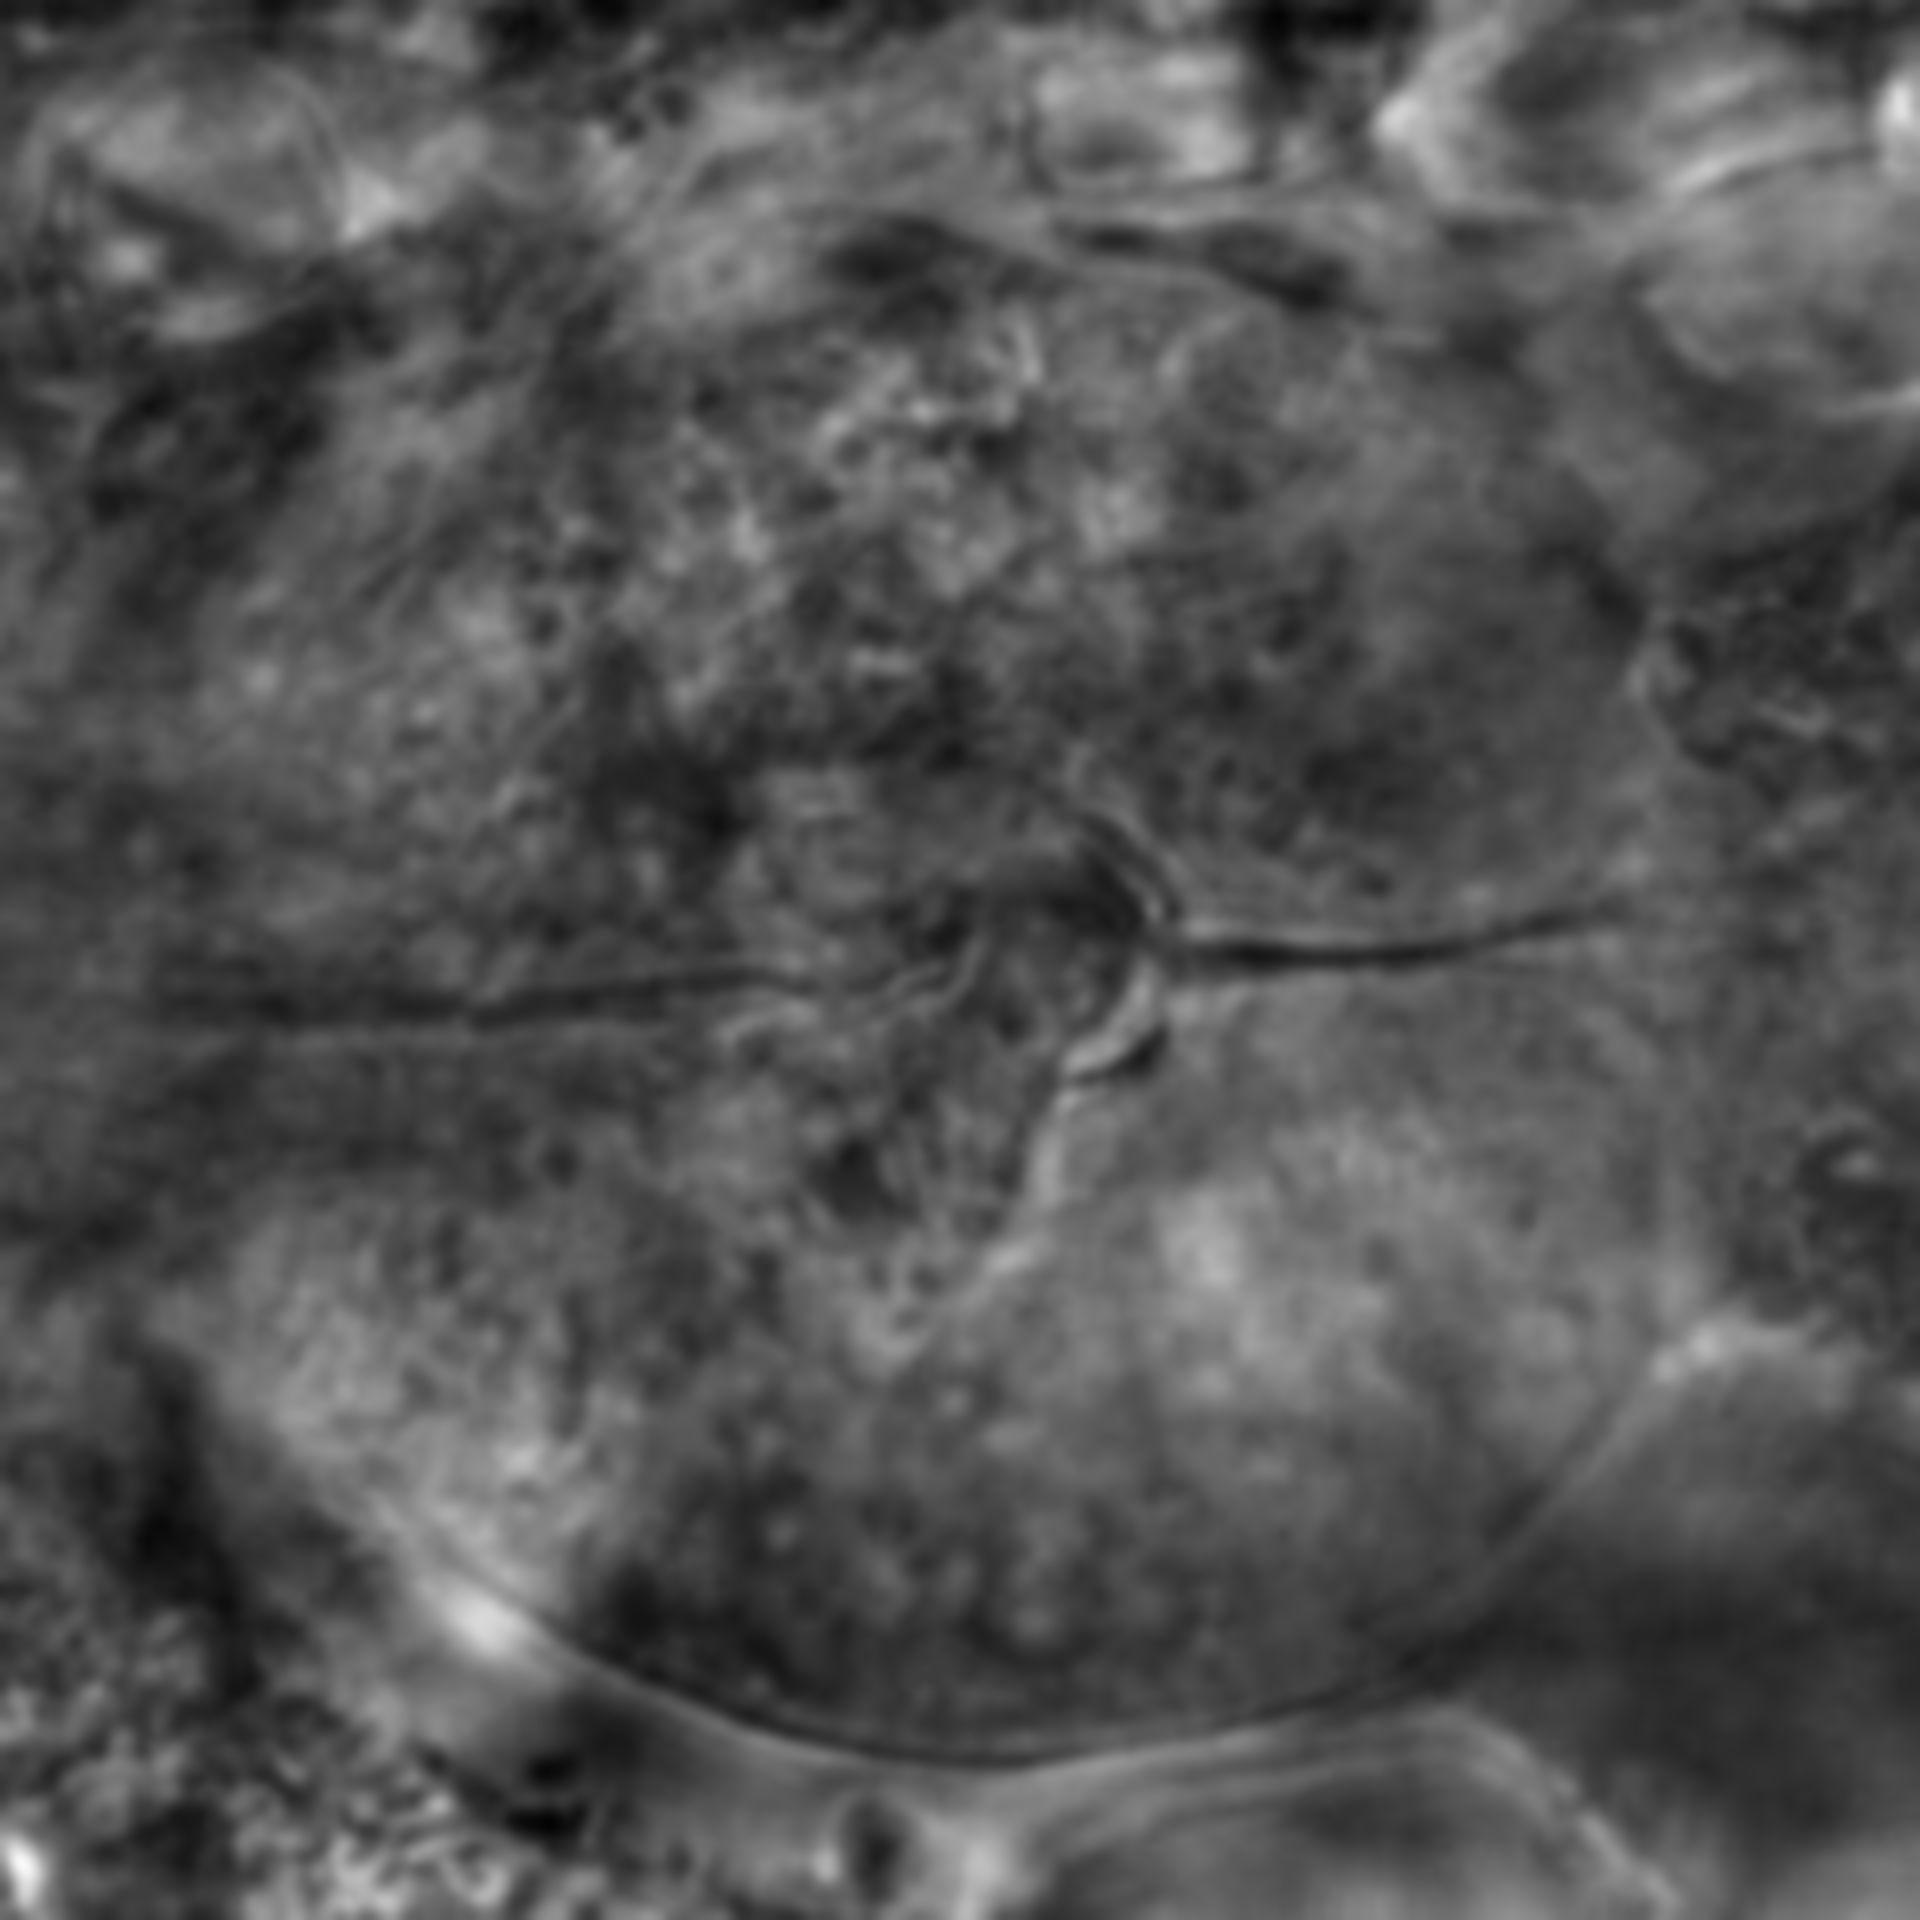 Caenorhabditis elegans - CIL:2270